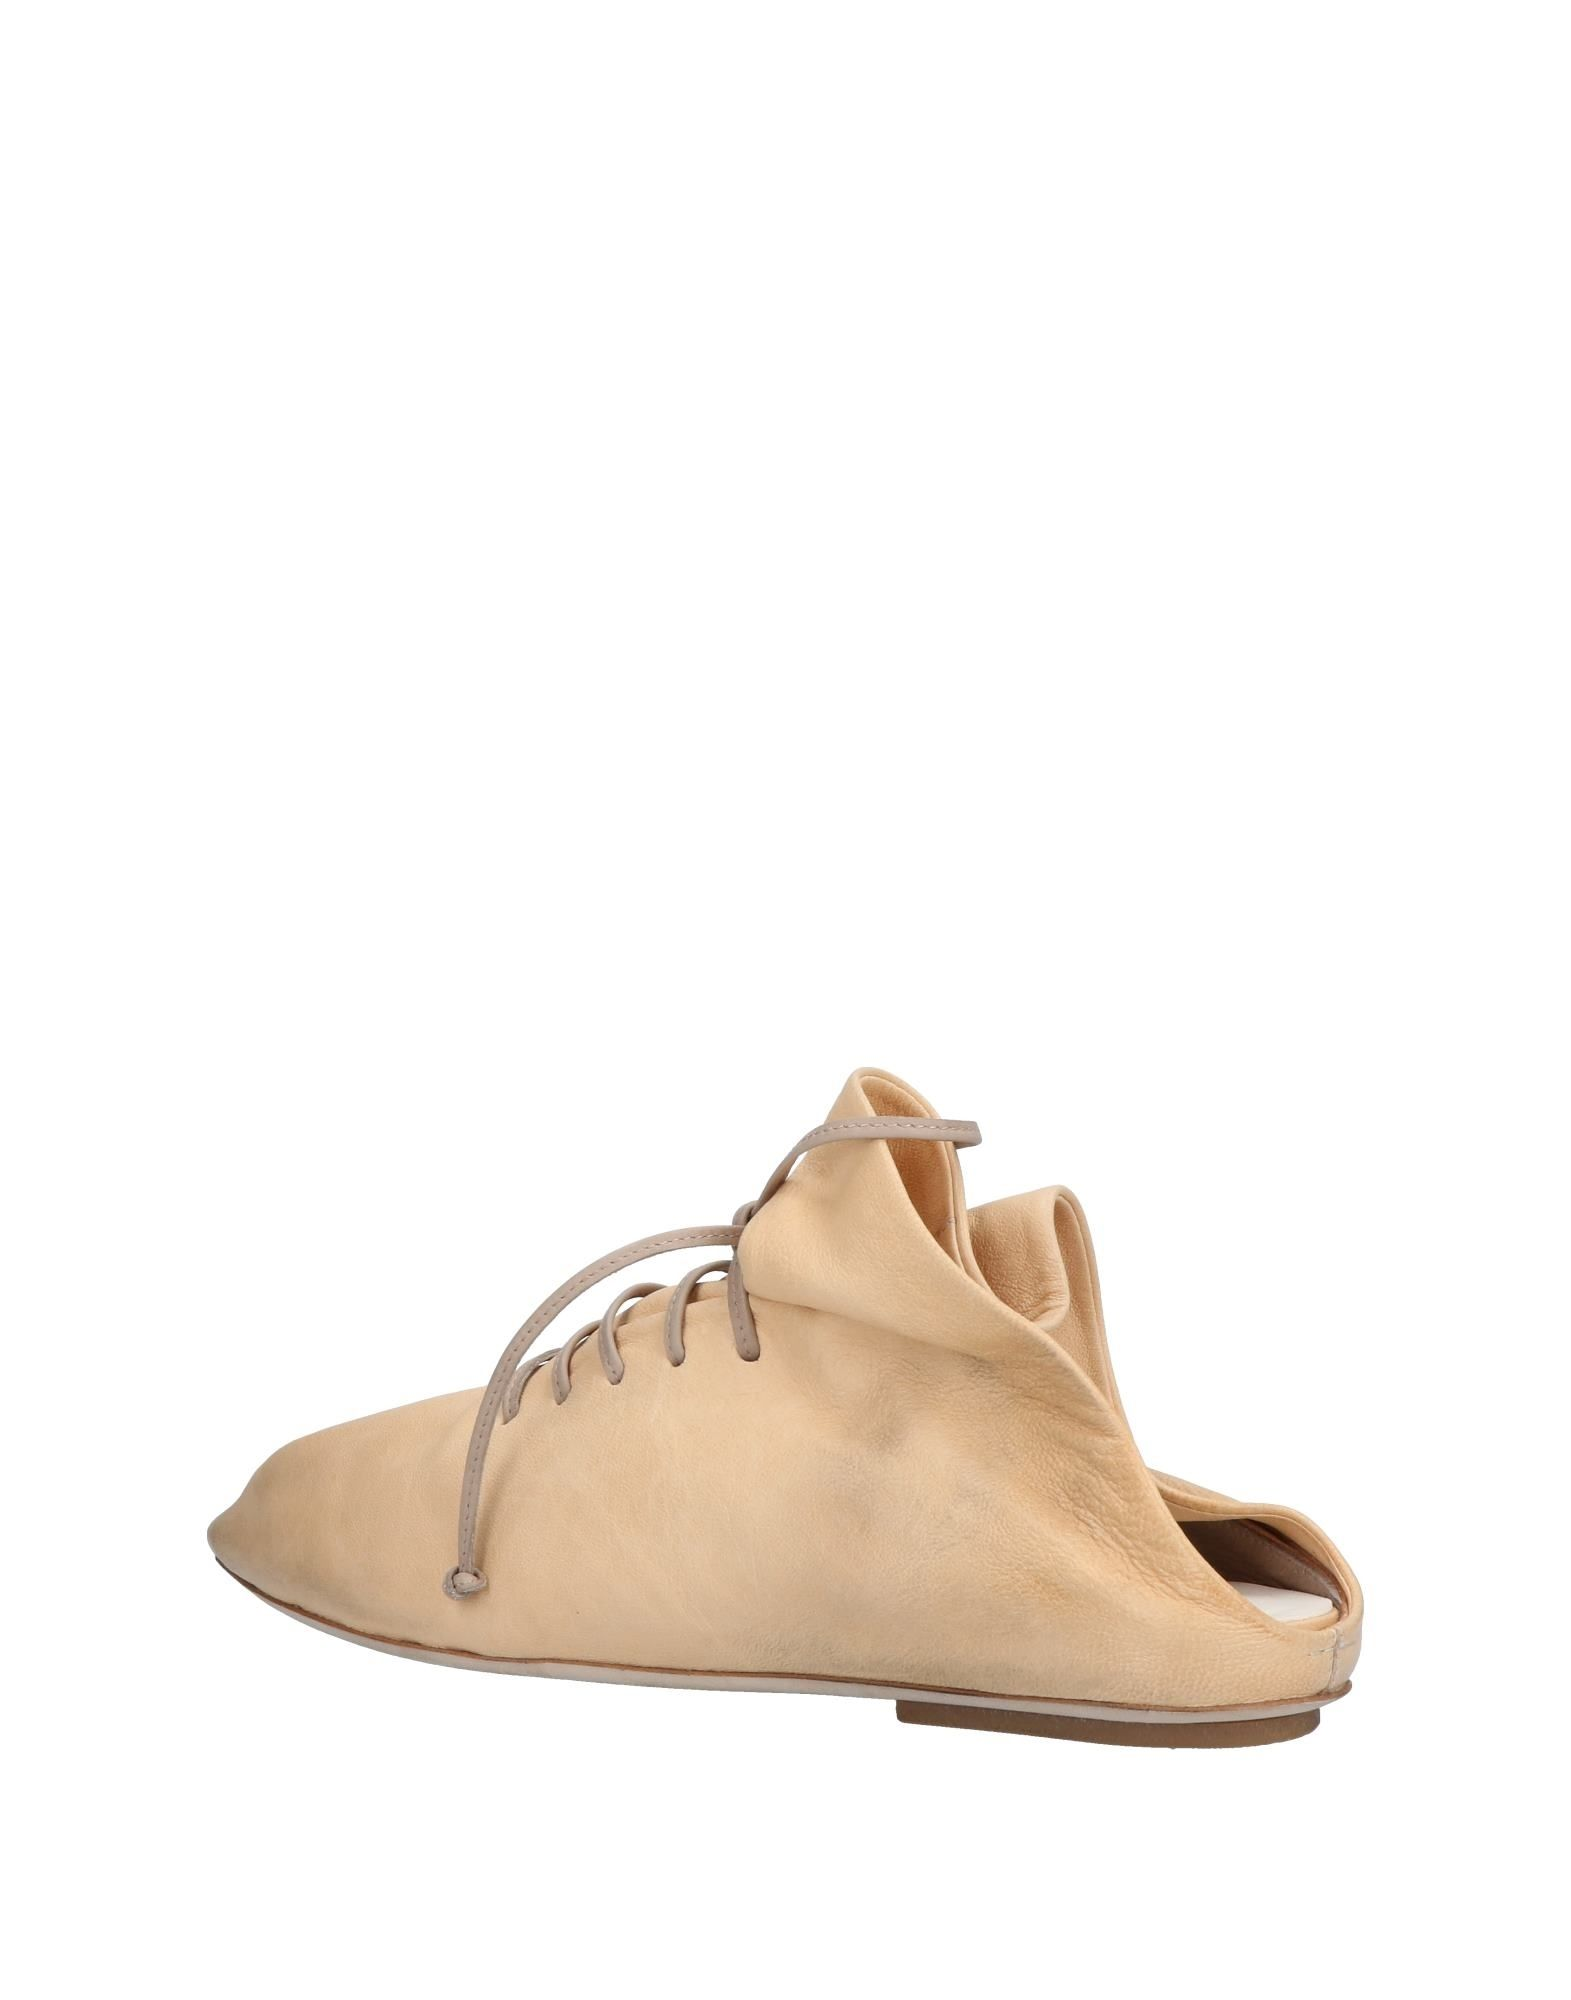 Marsèll Pantoletten Damen  11472758AXGünstige Schuhe gut aussehende Schuhe 11472758AXGünstige 76c25d